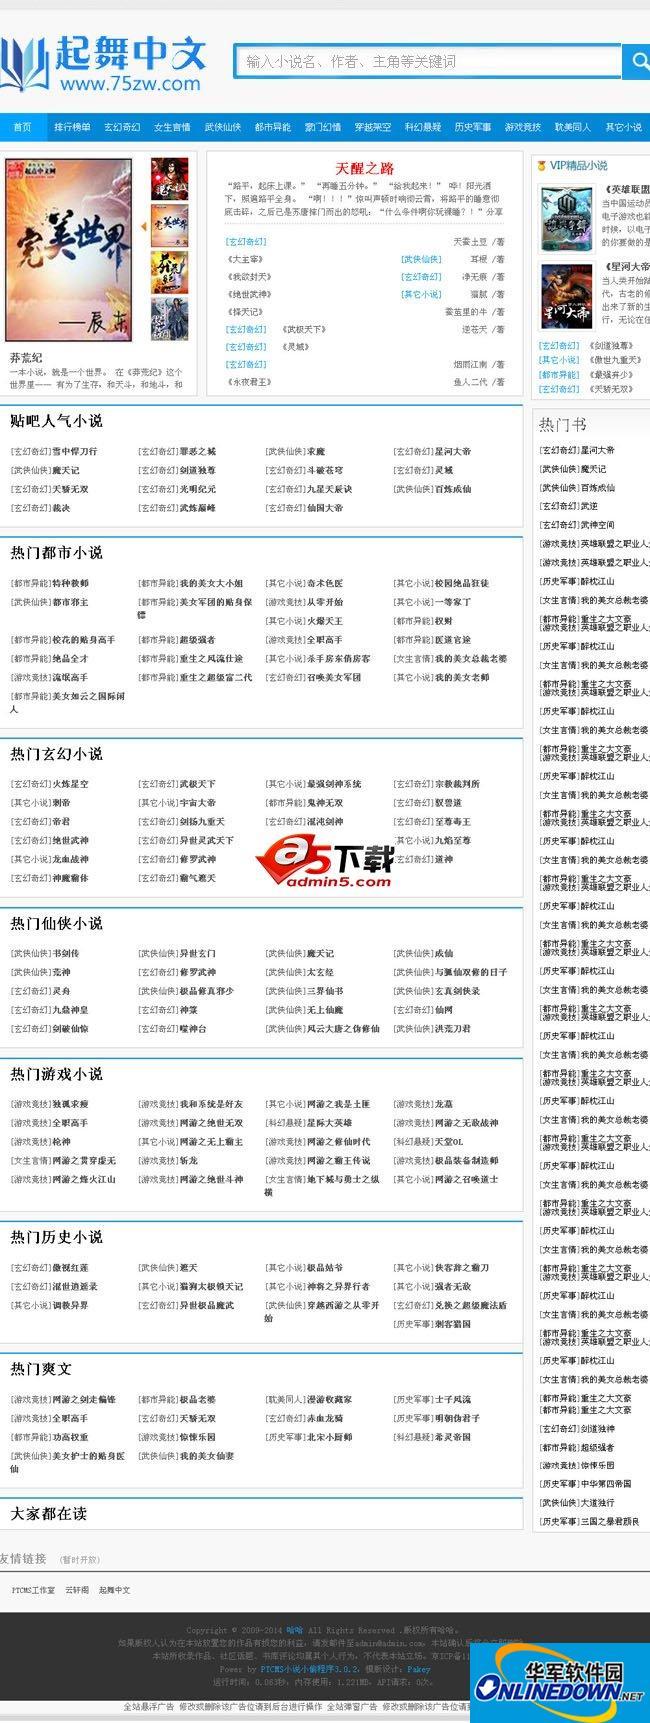 PT小说小偷 PTNovelSteal 3.0.2 正式版